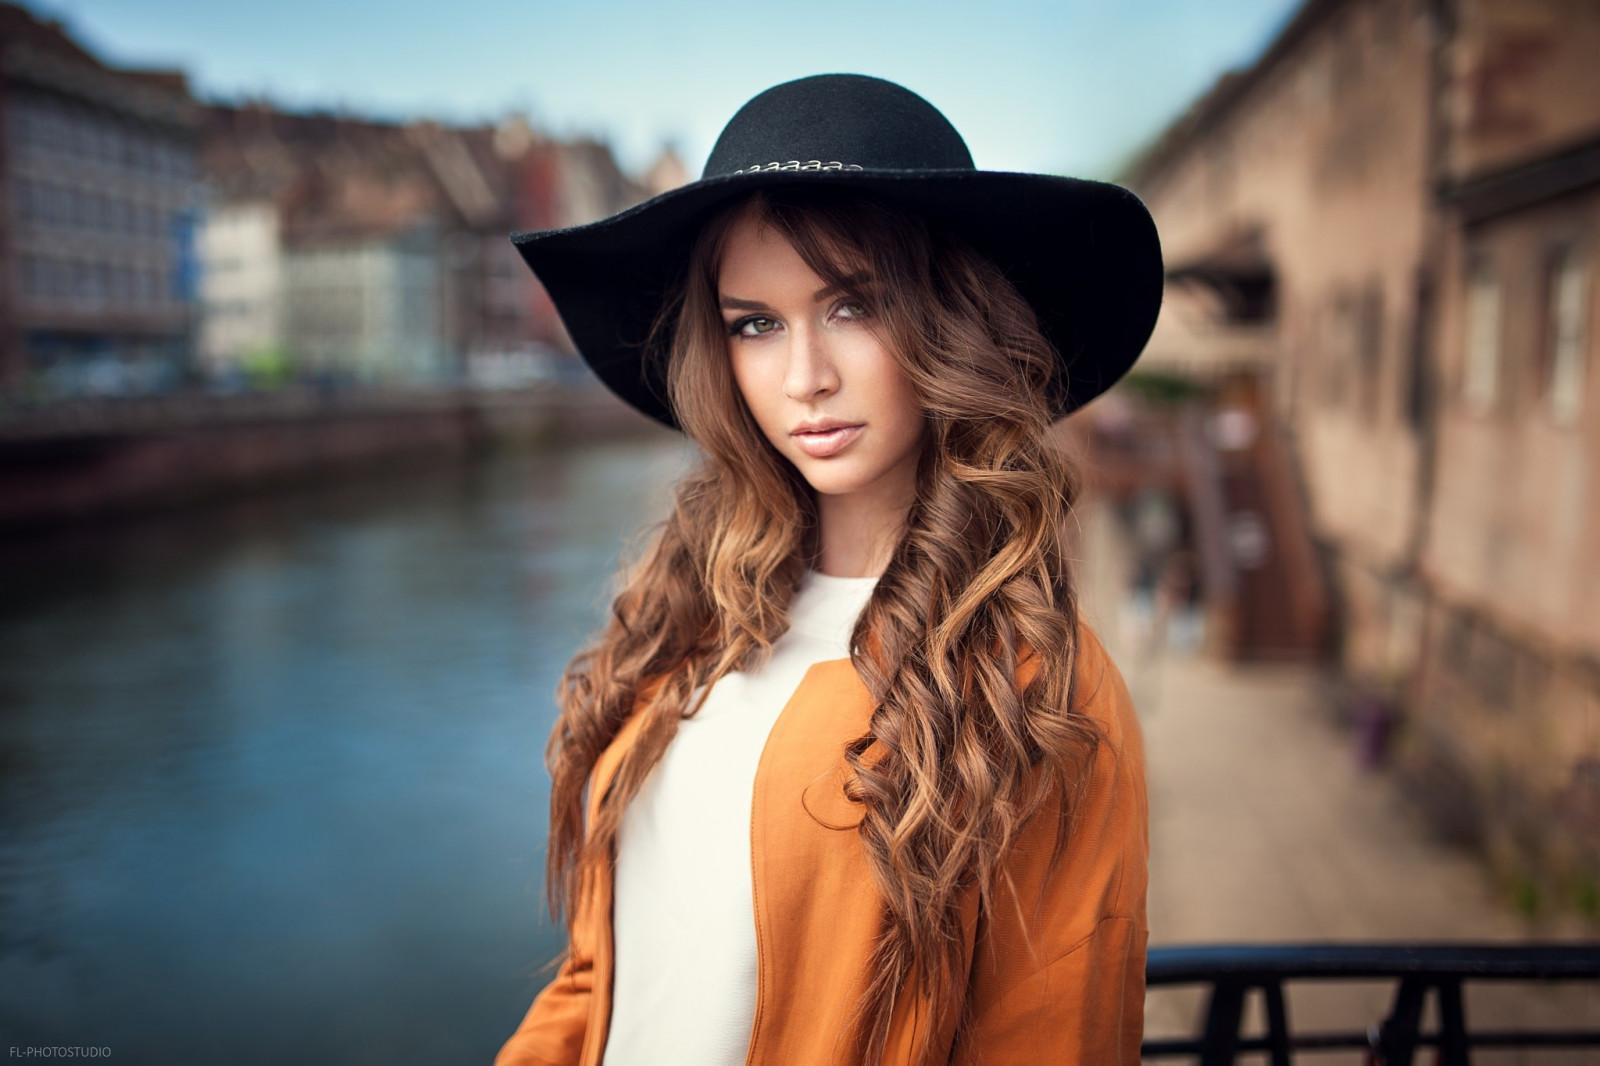 частное фото девушки в шляпках - 11